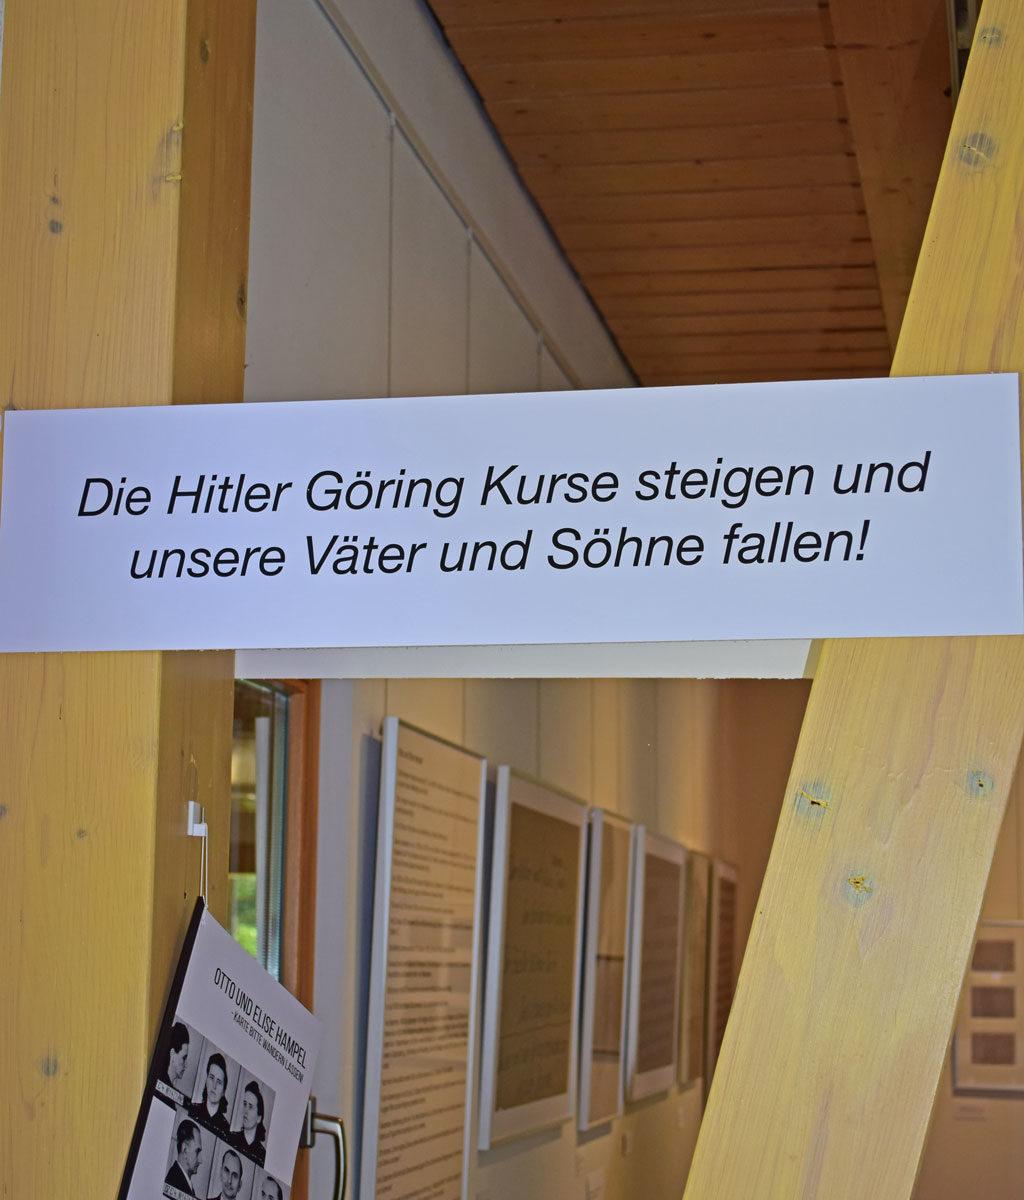 Ausstellung im Scheunensaal (Foto Christian Winterstein 2017)